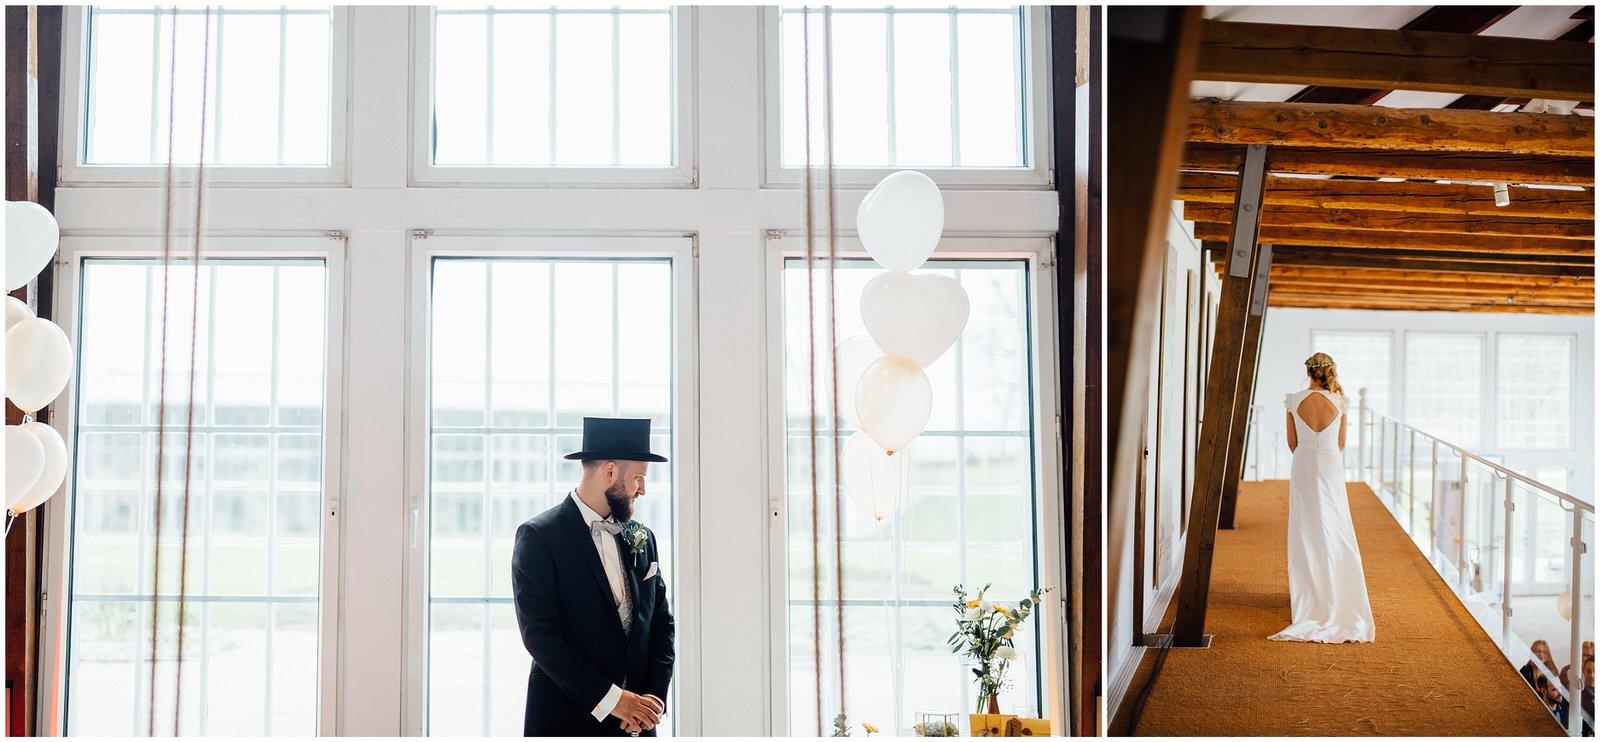 Hochzeitsfotograf_Rödental_Alte_Mühle_Alte_Orangerie_Schloss_Rosenau_100227224.JPG